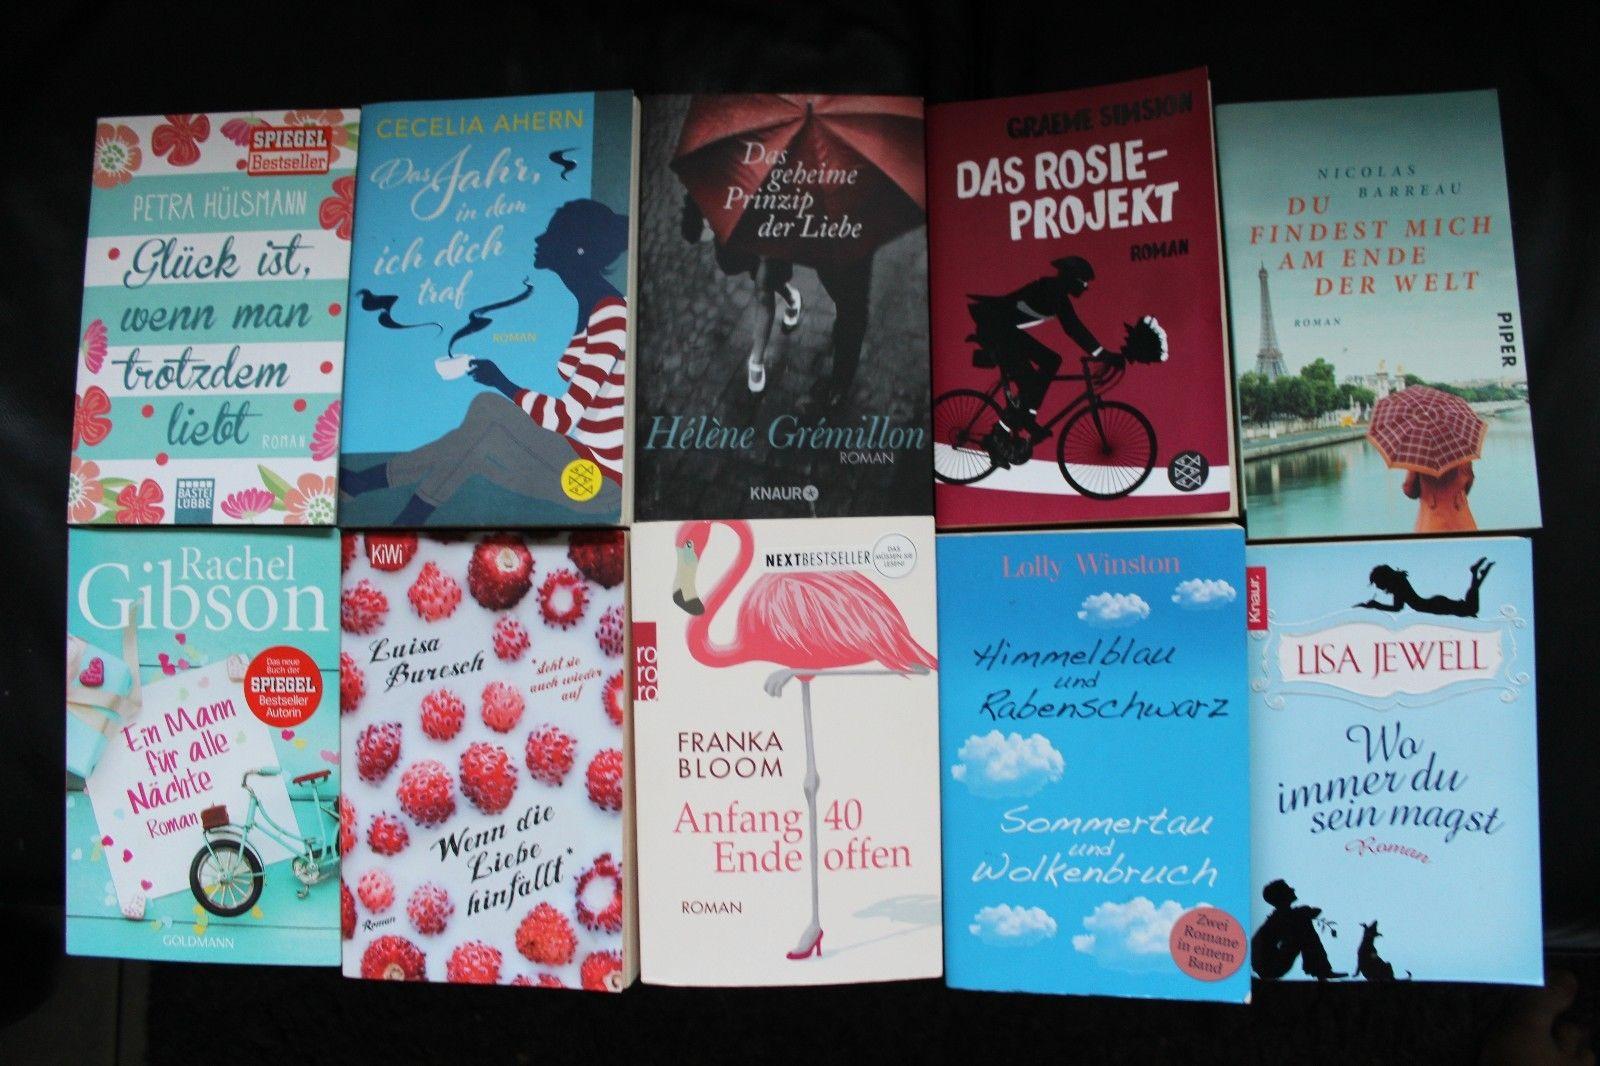 Frauenromane - Bücherpaket 10 Stück -  teils ganz aktuell und neuwertig